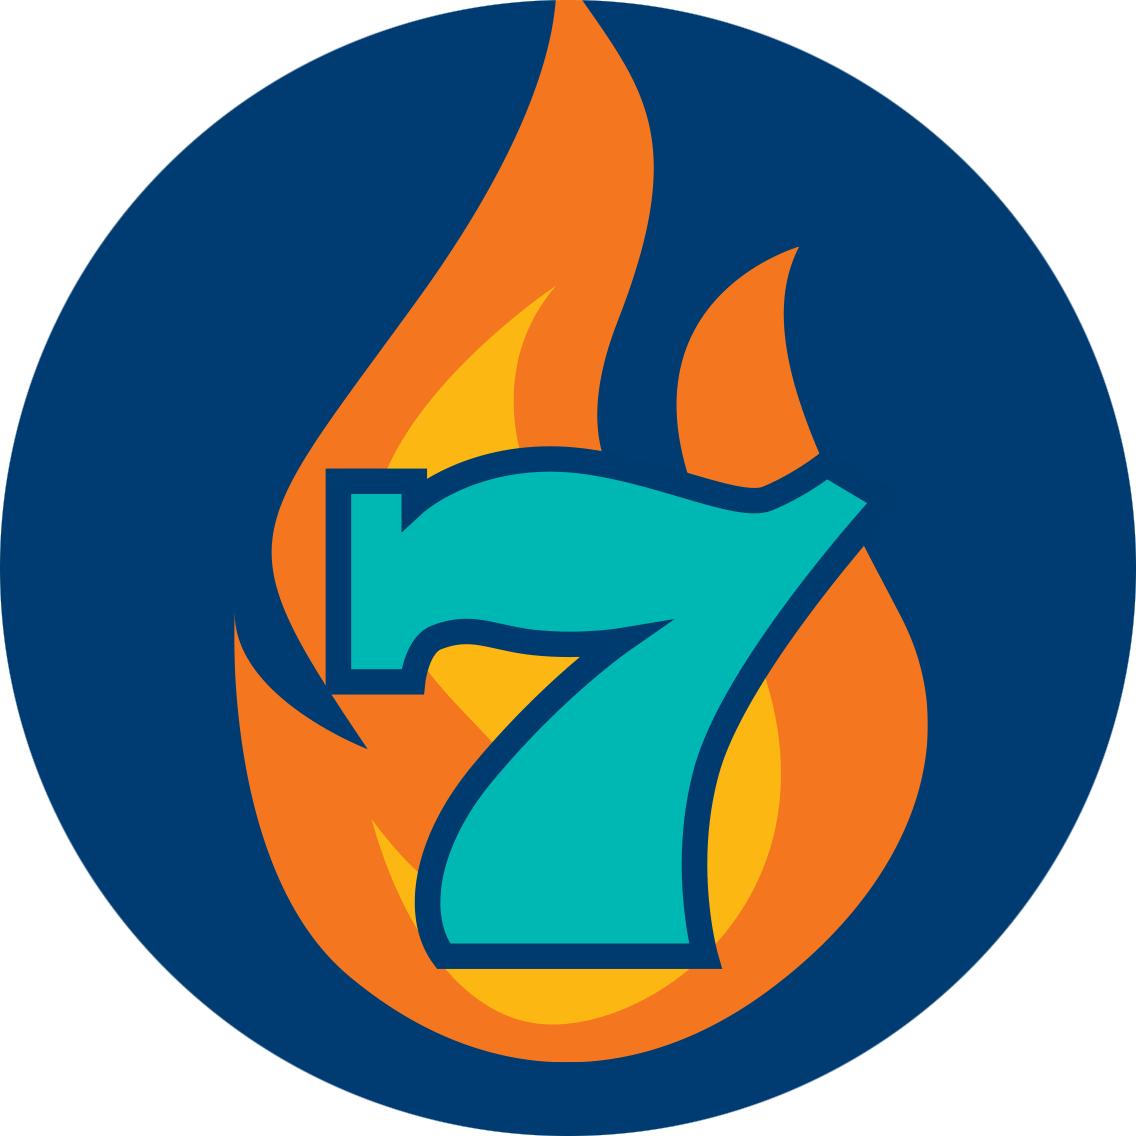 Un 7 devant une flamme.